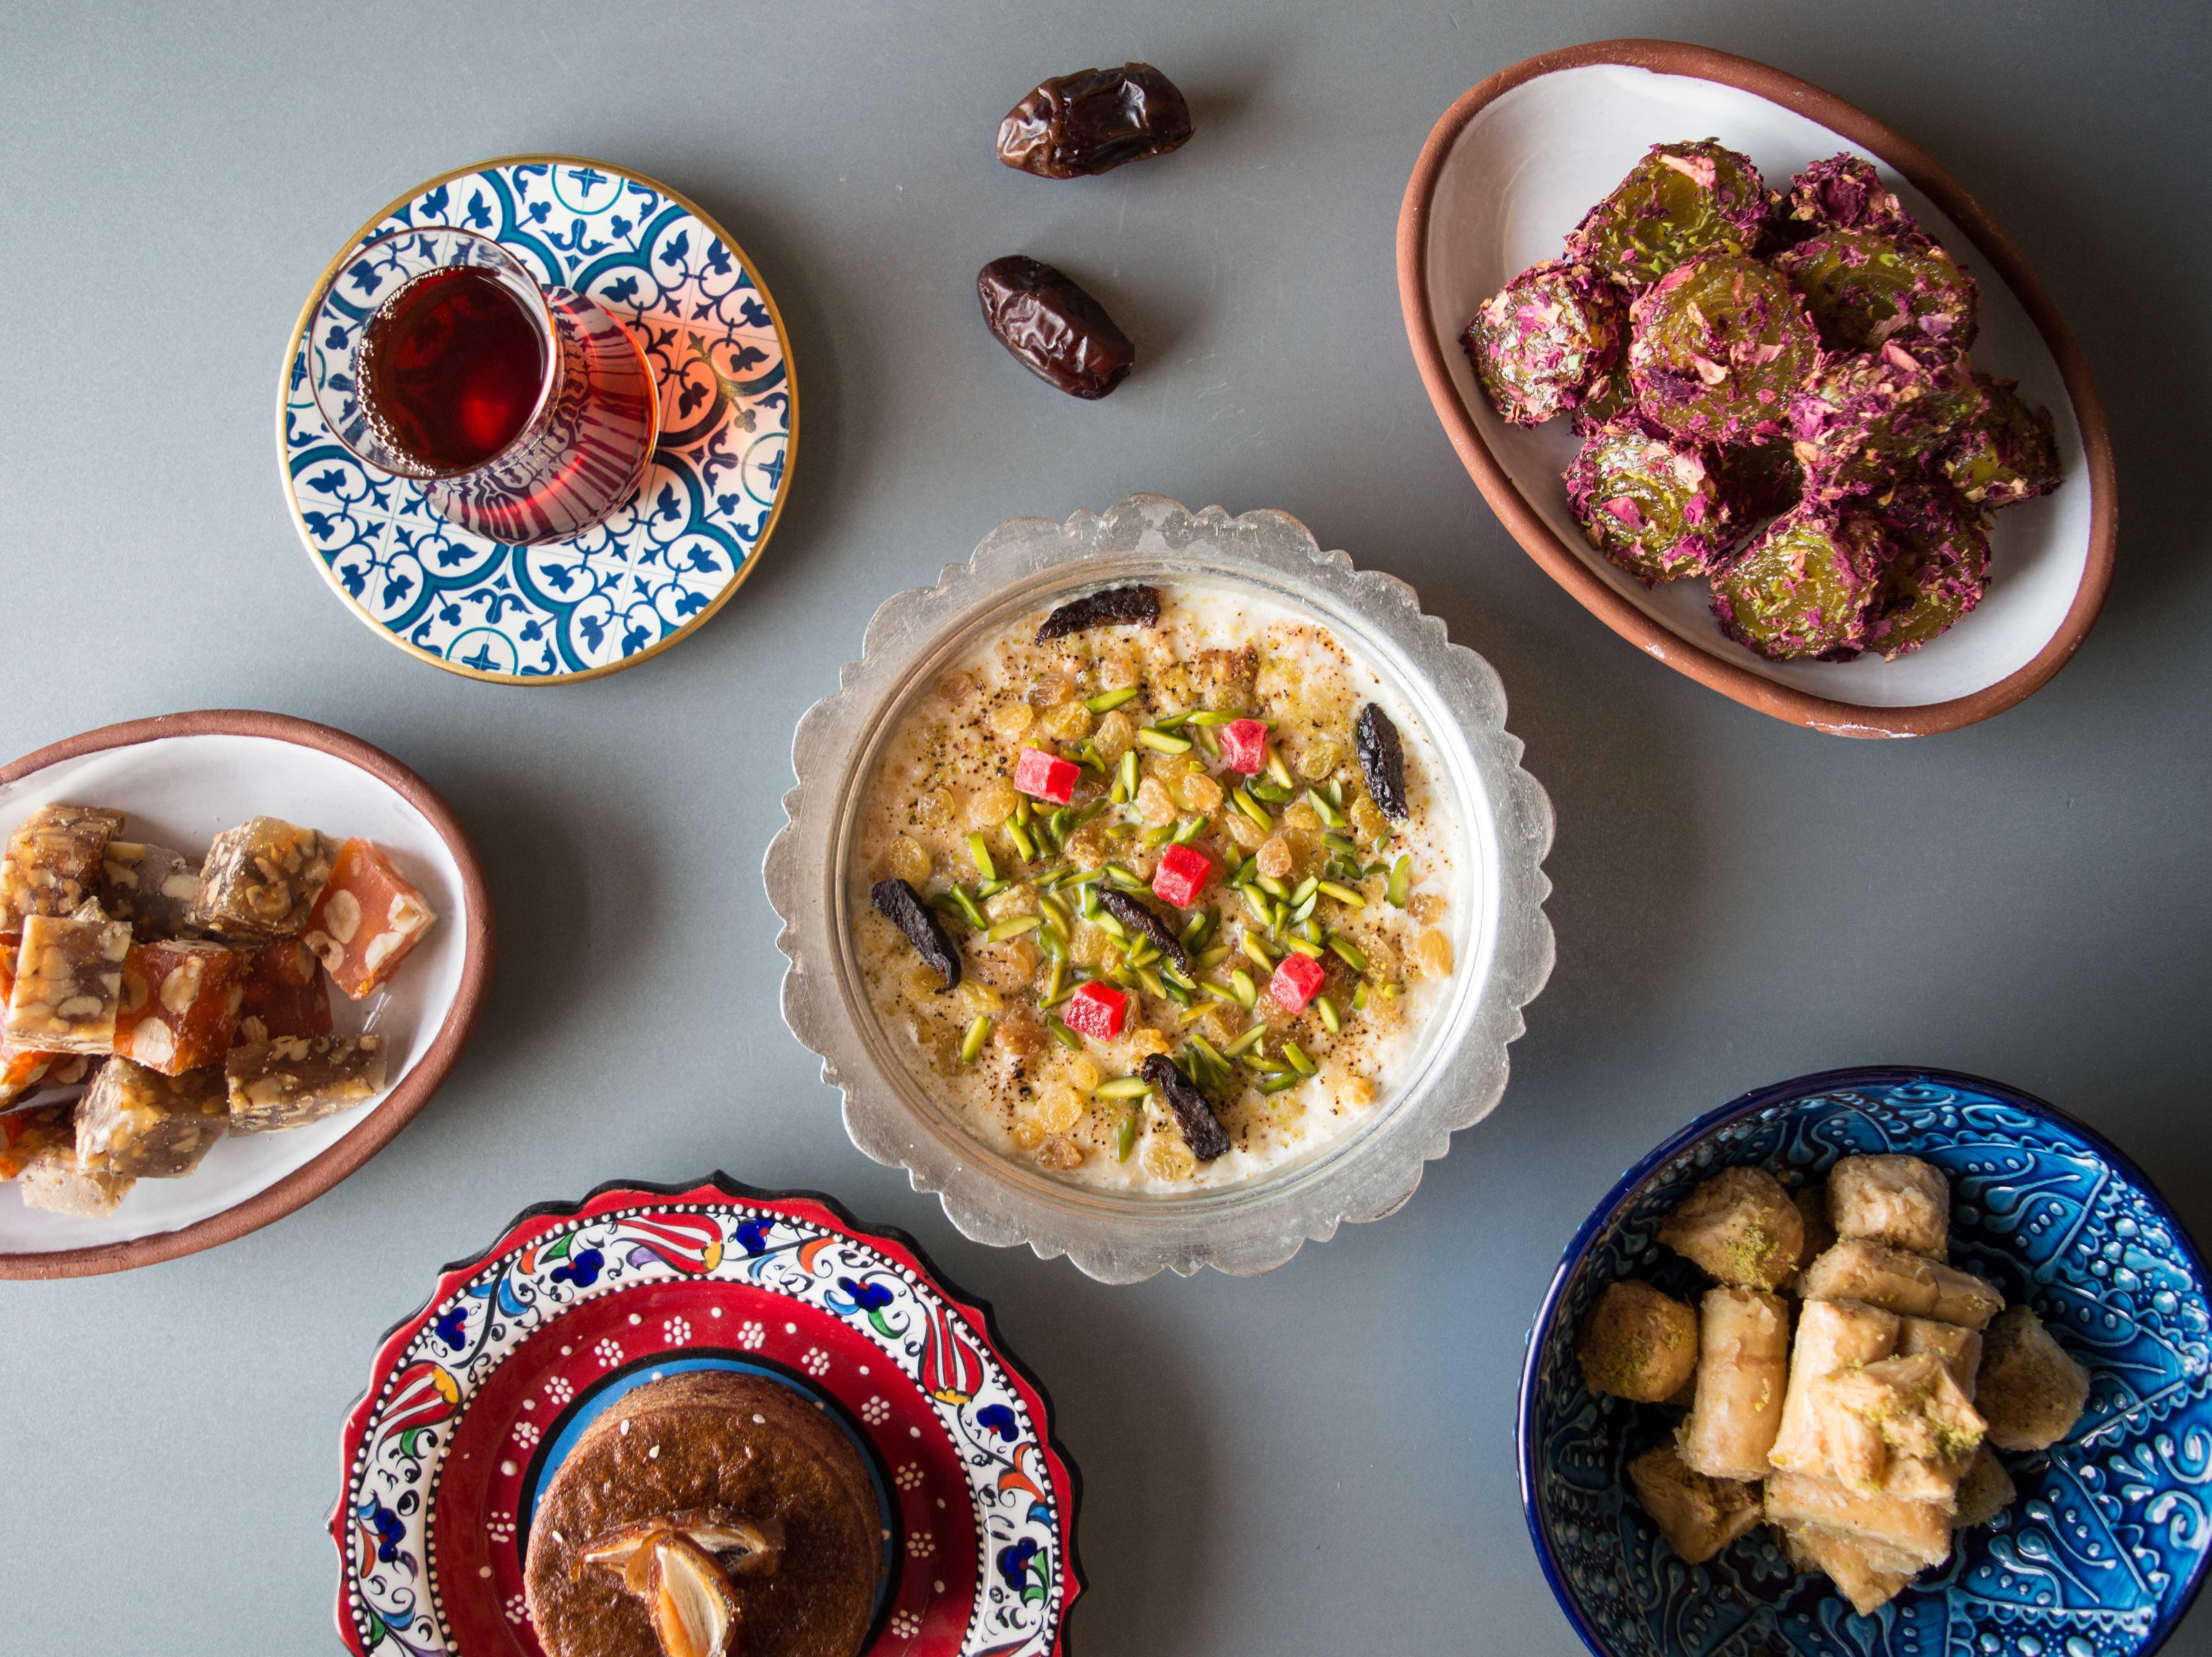 عروض مطاعم ومقاهي شيراتون دبي مول الإمارات خلال رمضان 2019